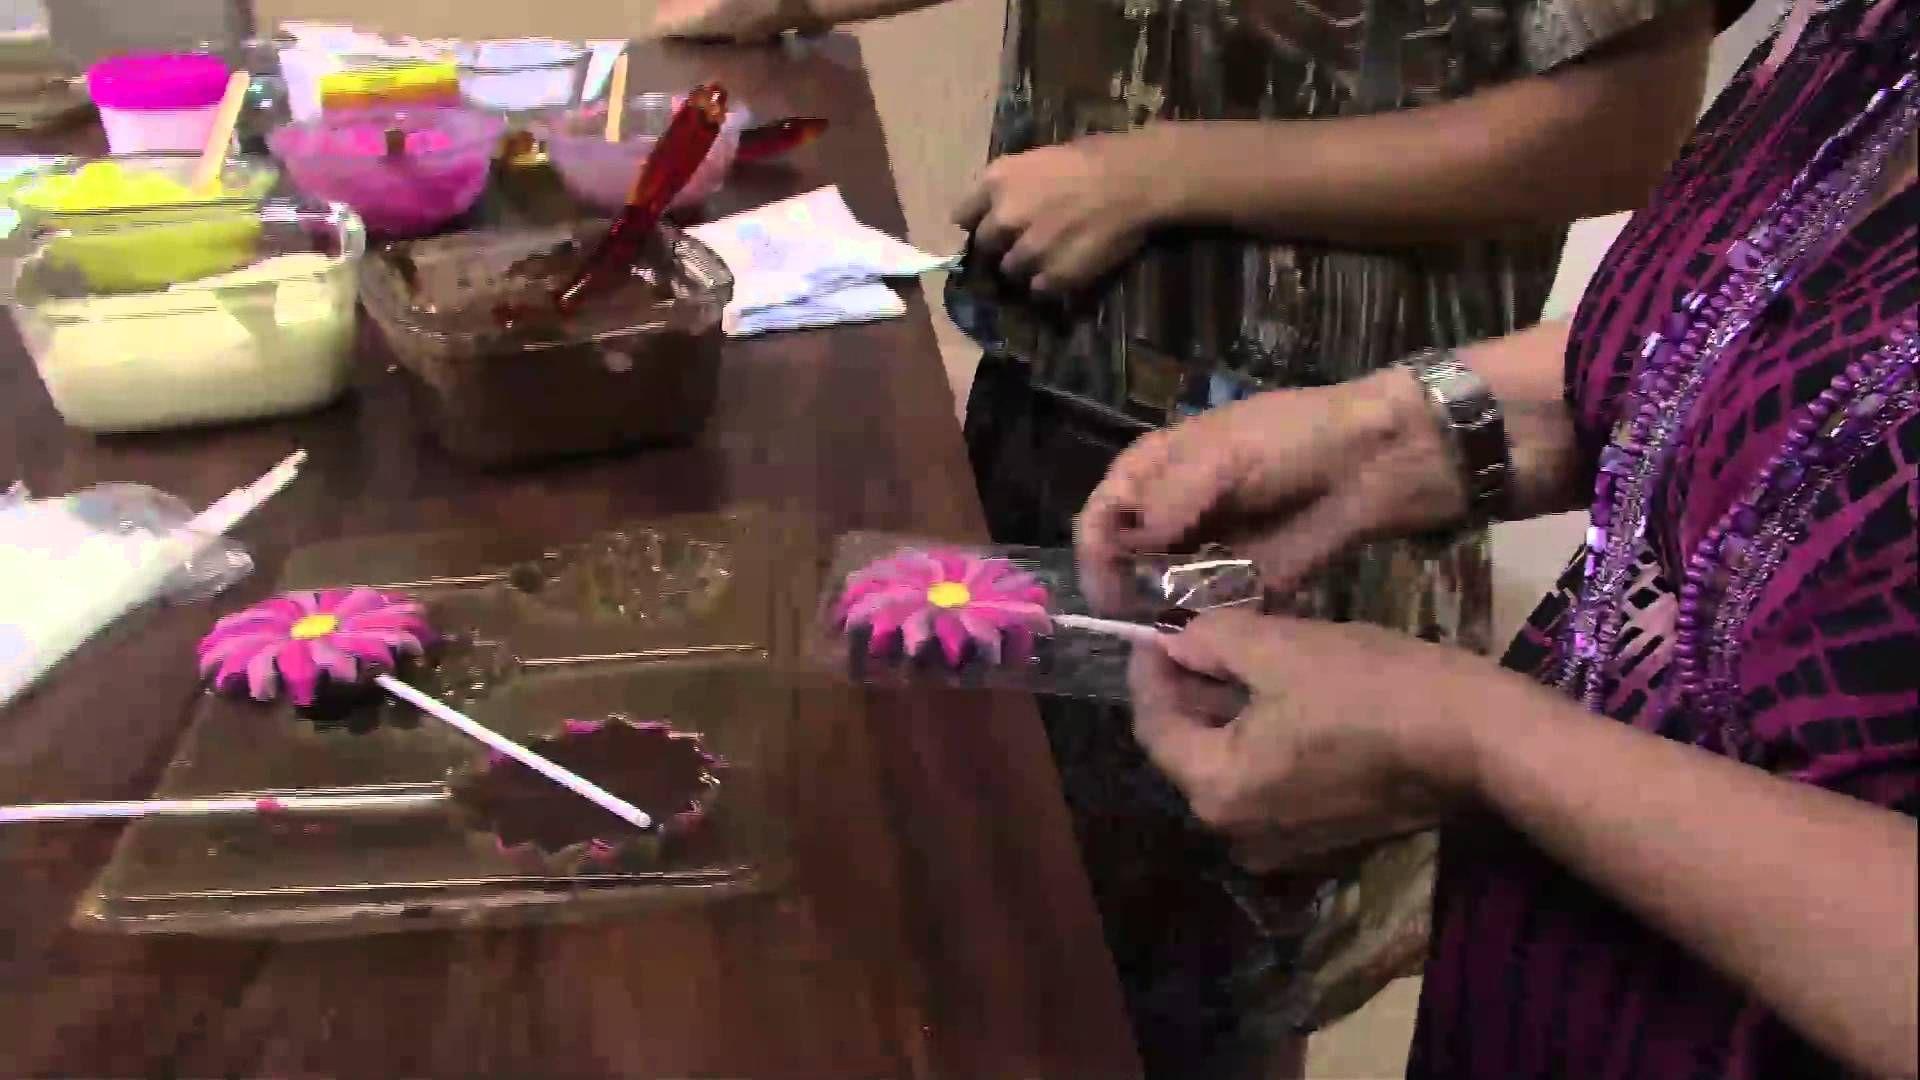 Mulher.com 14/03/2013 Ucha - Pirulito de chocolate pintura  parte 2